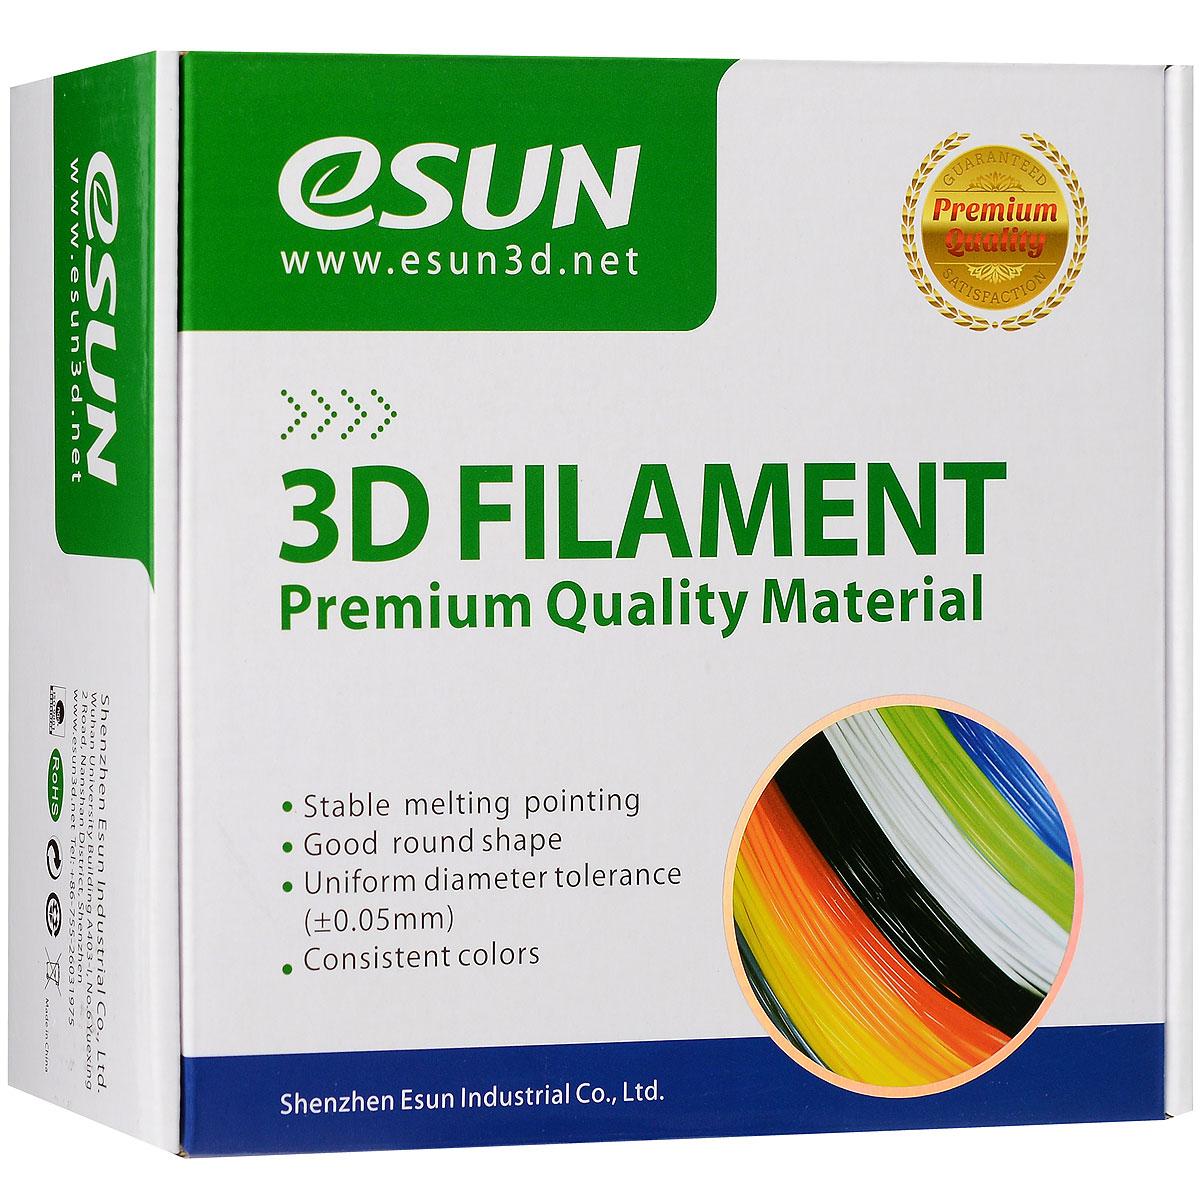 ESUN пластик PLA в катушке, Green, 1,75 ммPLA175G1Пластик PLA от ESUN долговечный и очень прочный полимер, ударопрочный, эластичный и стойкий к моющим средствам и щелочам. Один из лучших материалов для печати на 3D принтере. Пластик не имеет запаха и не является токсичным. Температура плавления190-220°C. PLA пластик для 3D-принтера применяется в деталях автомобилей, канцелярских изделиях, корпусах бытовой техники, мебели, сантехники, а также в производстве игрушек, сувениров, спортивного инвентаря, деталей оружия, медицинского оборудования и прочего.Диаметр нити: 1.75 мм